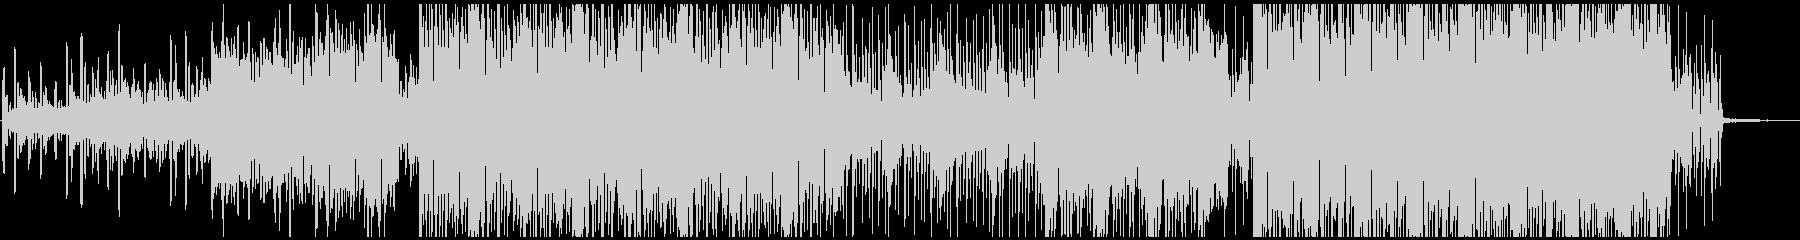 映像に合う無機質なシンセサウンドの未再生の波形